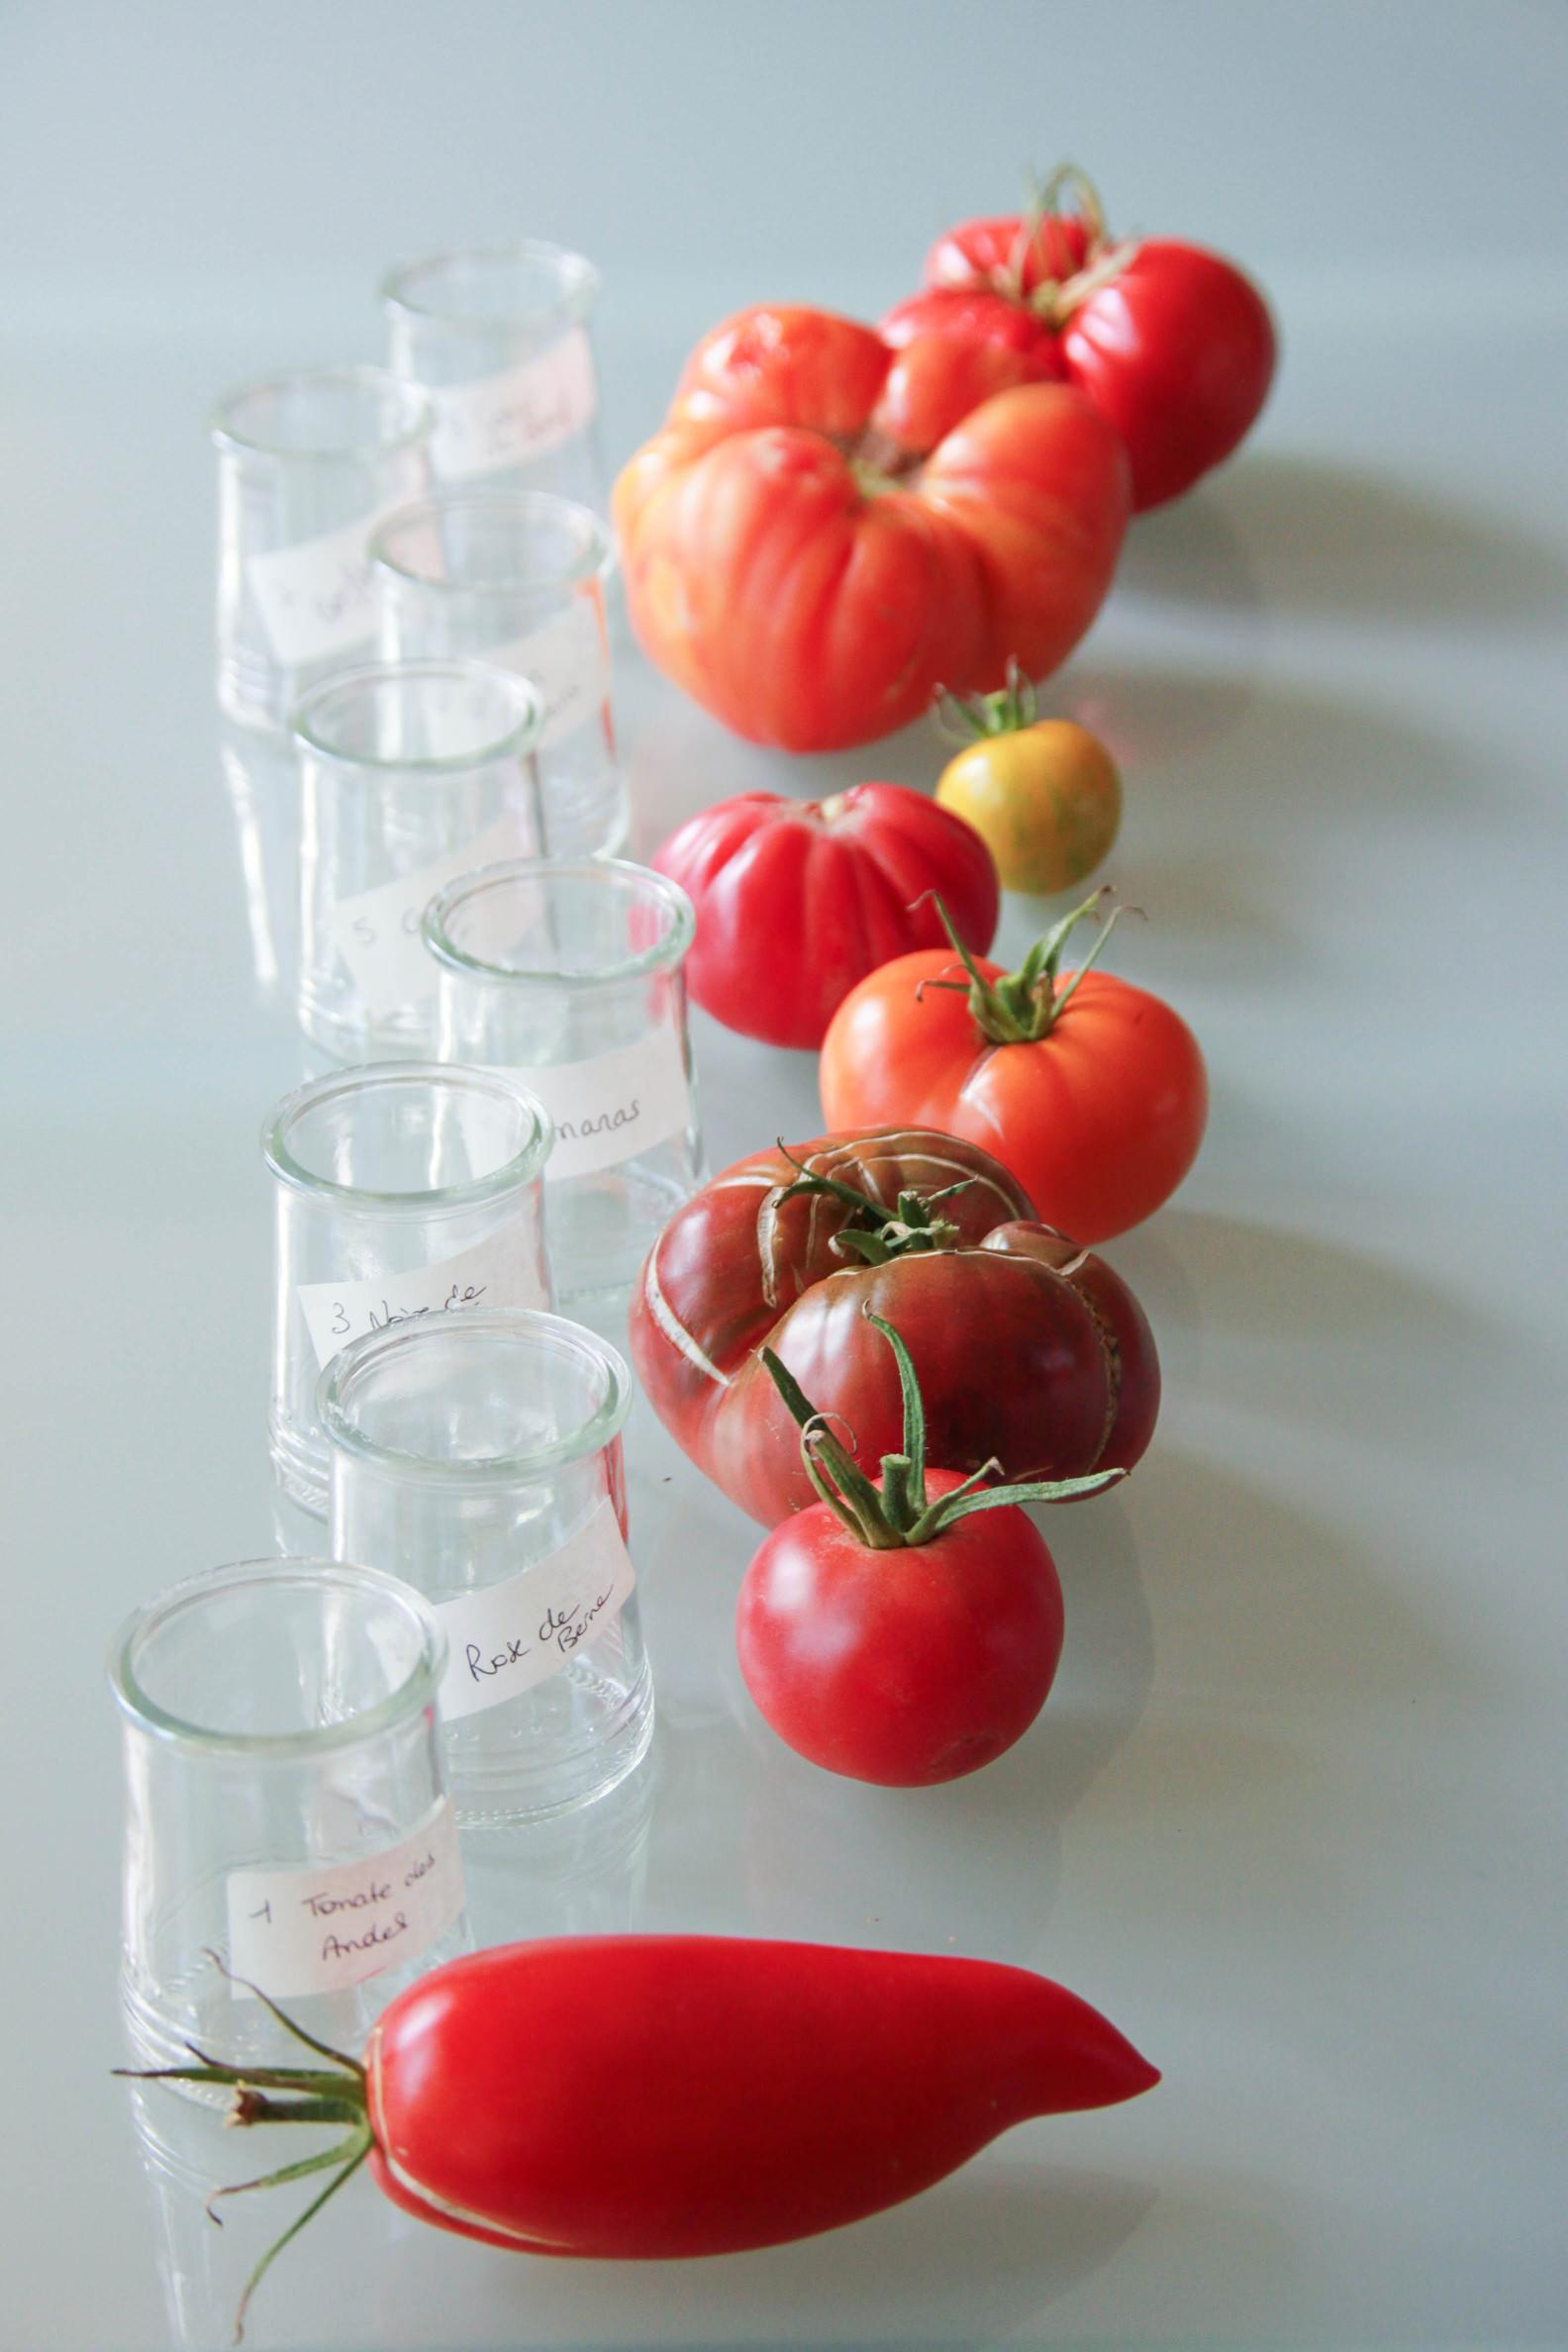 Variétés anciennes de tomates bio